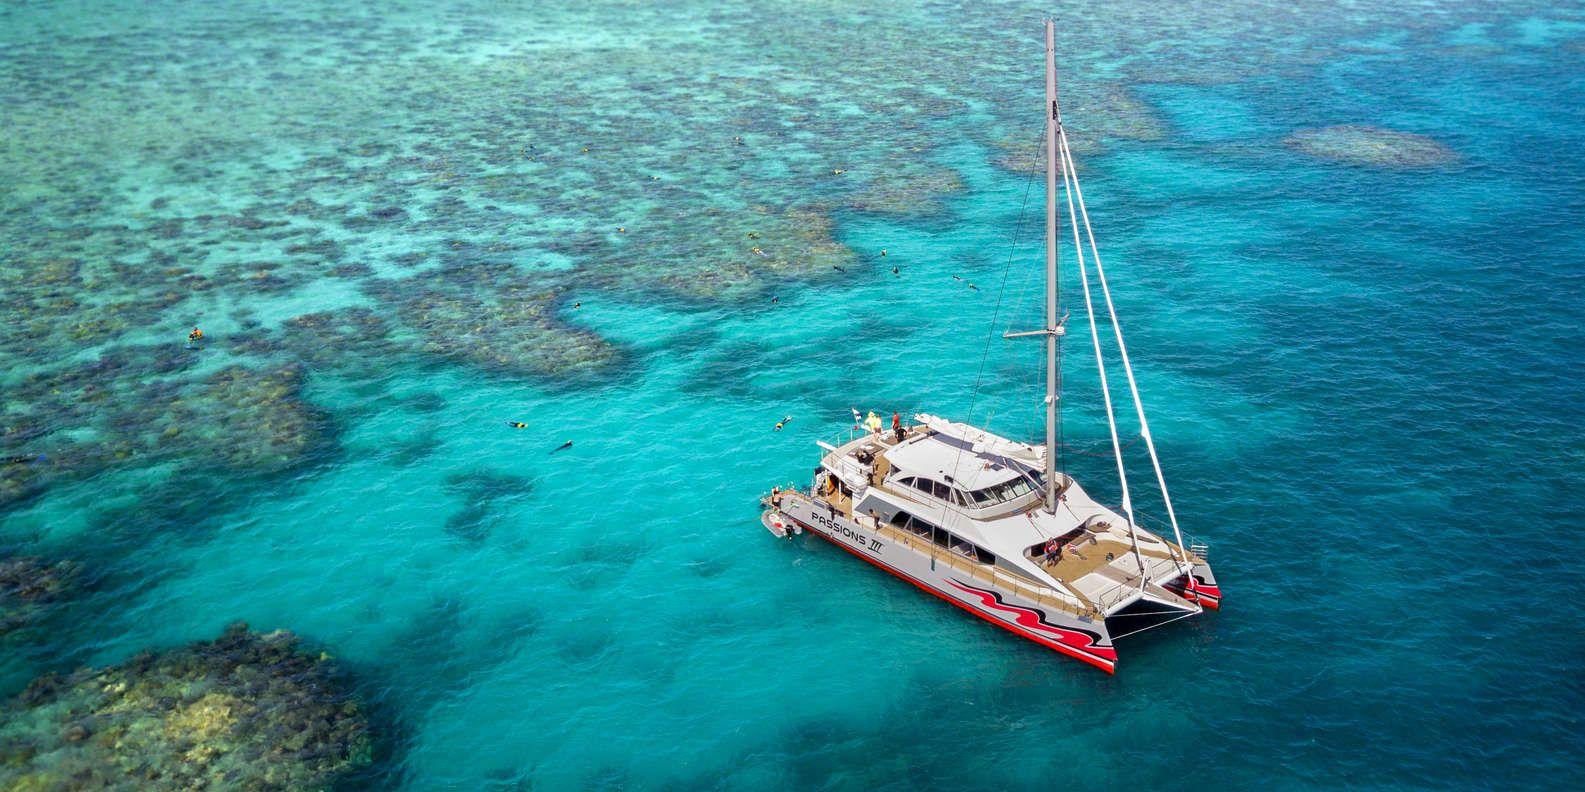 croisière a la grande barrière de corail - queensland - australie